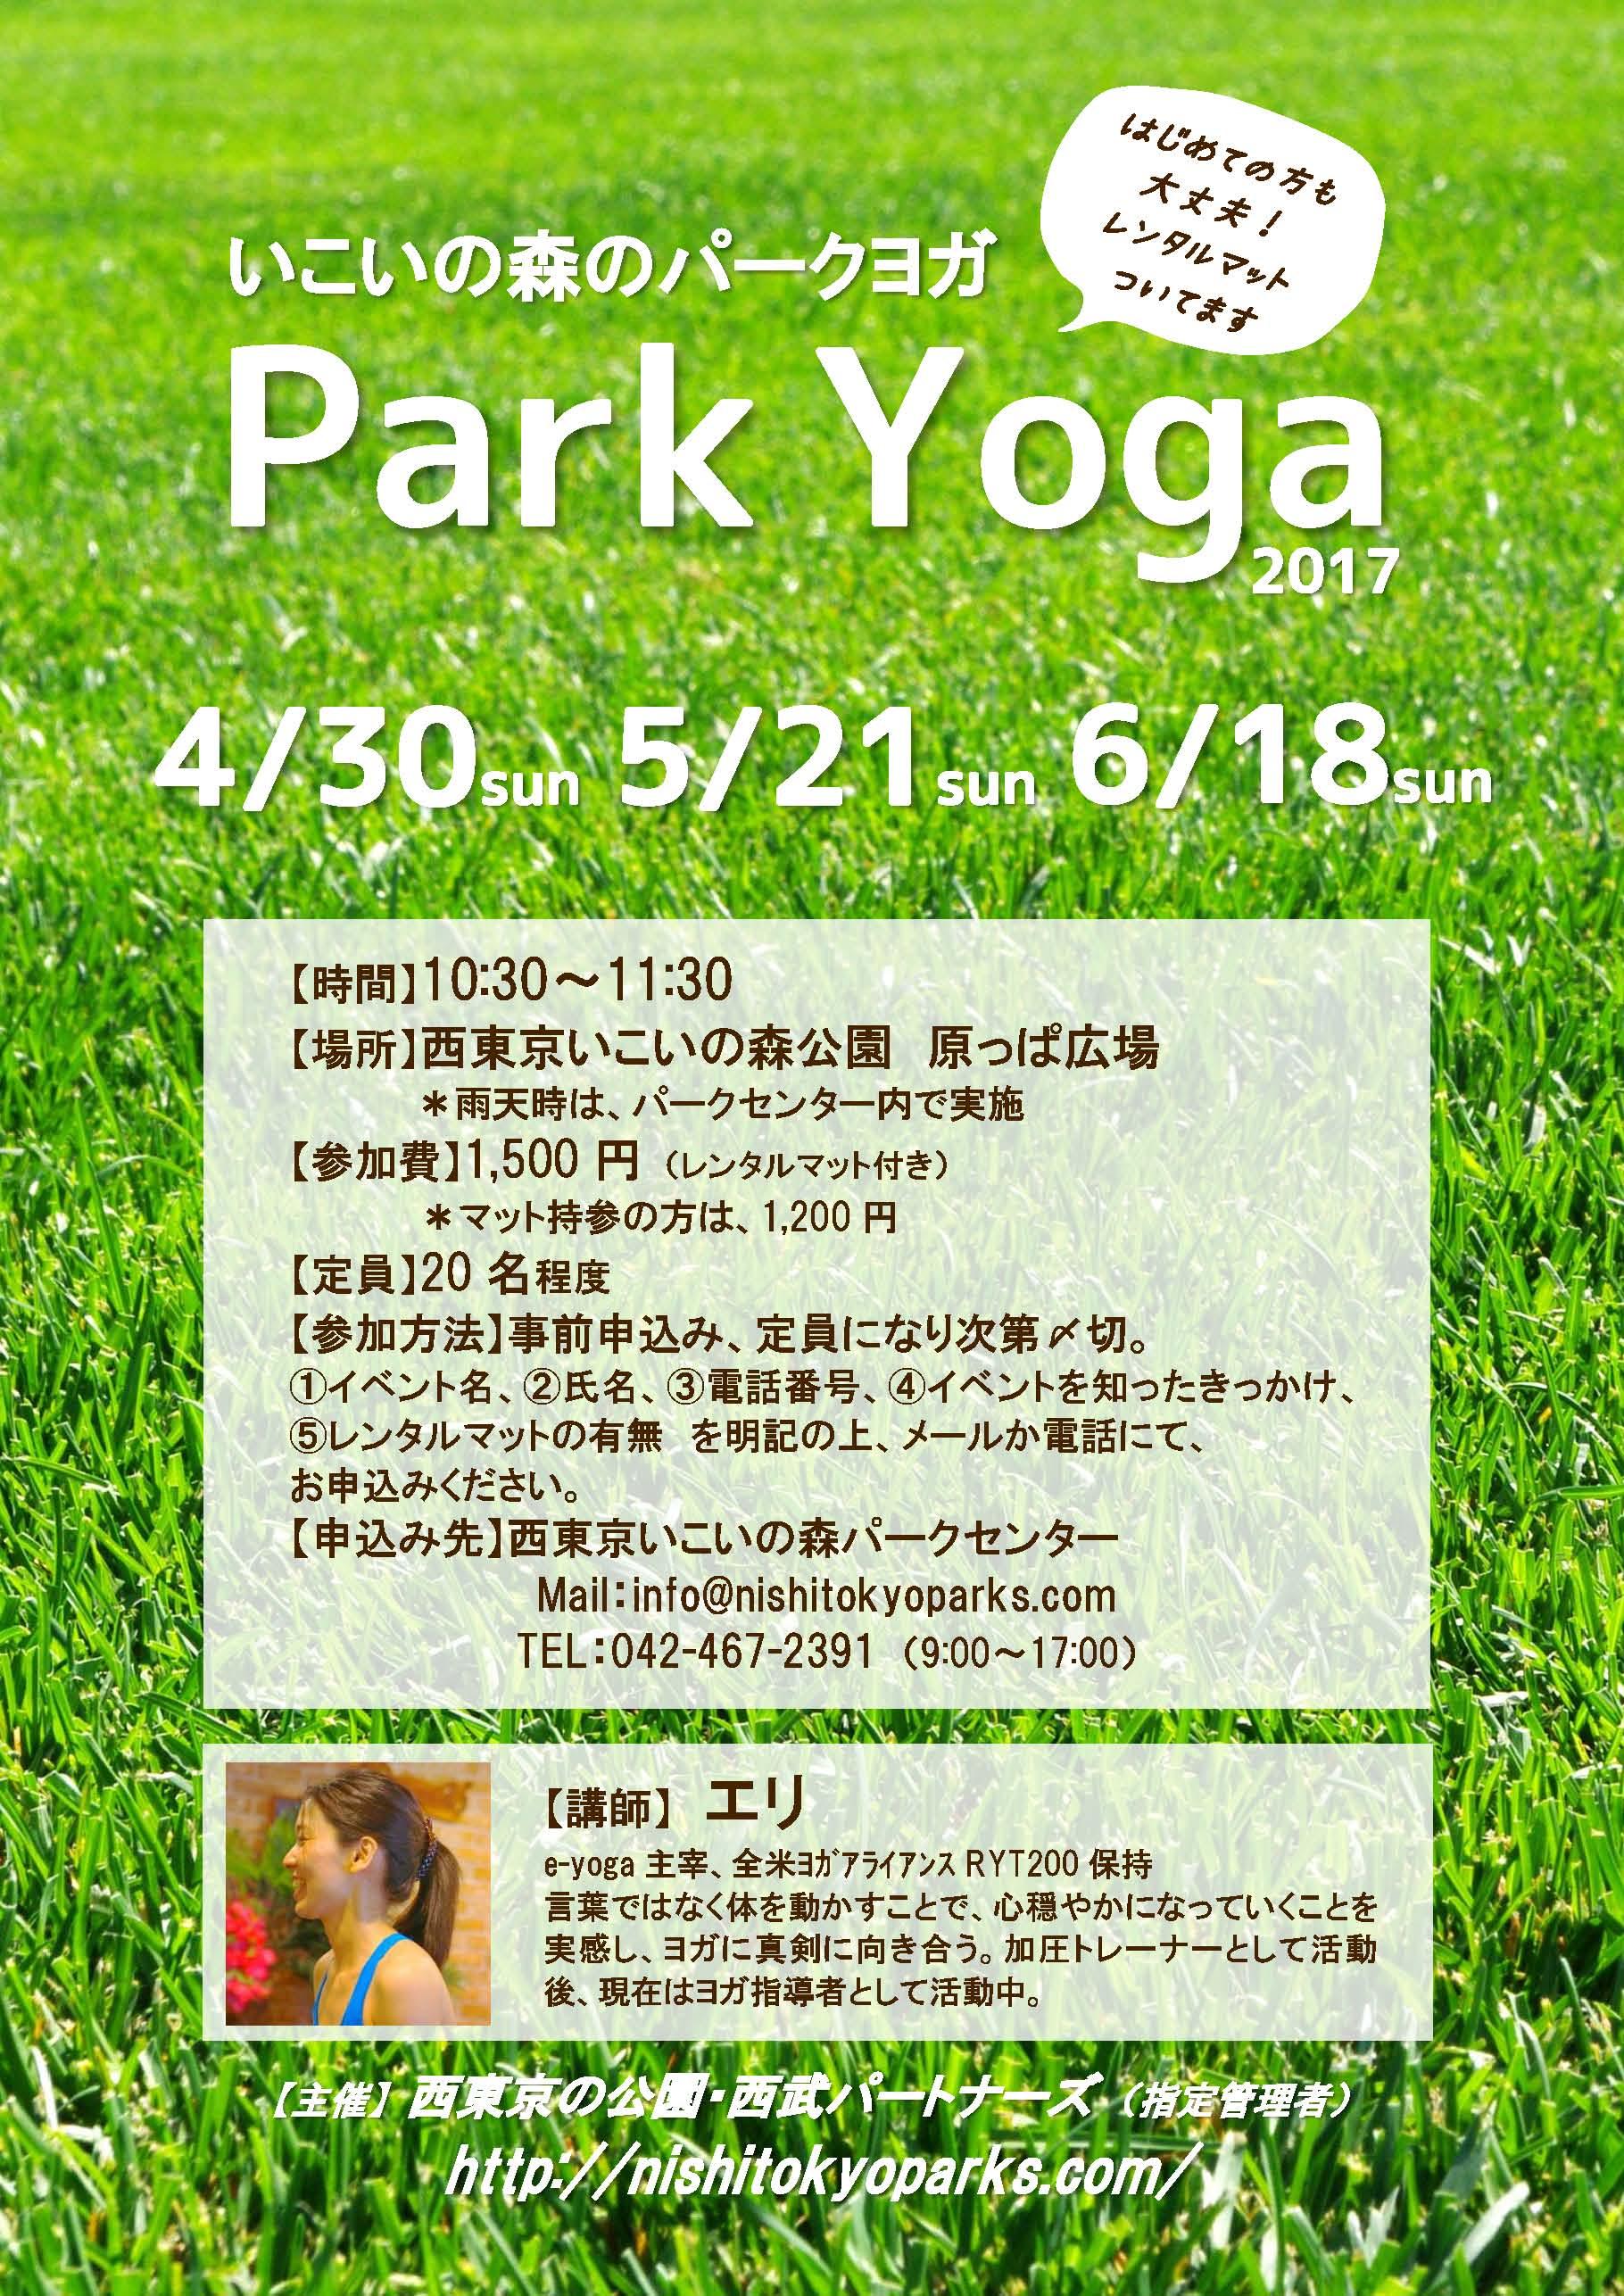 【チラシ】パークヨガ_290403